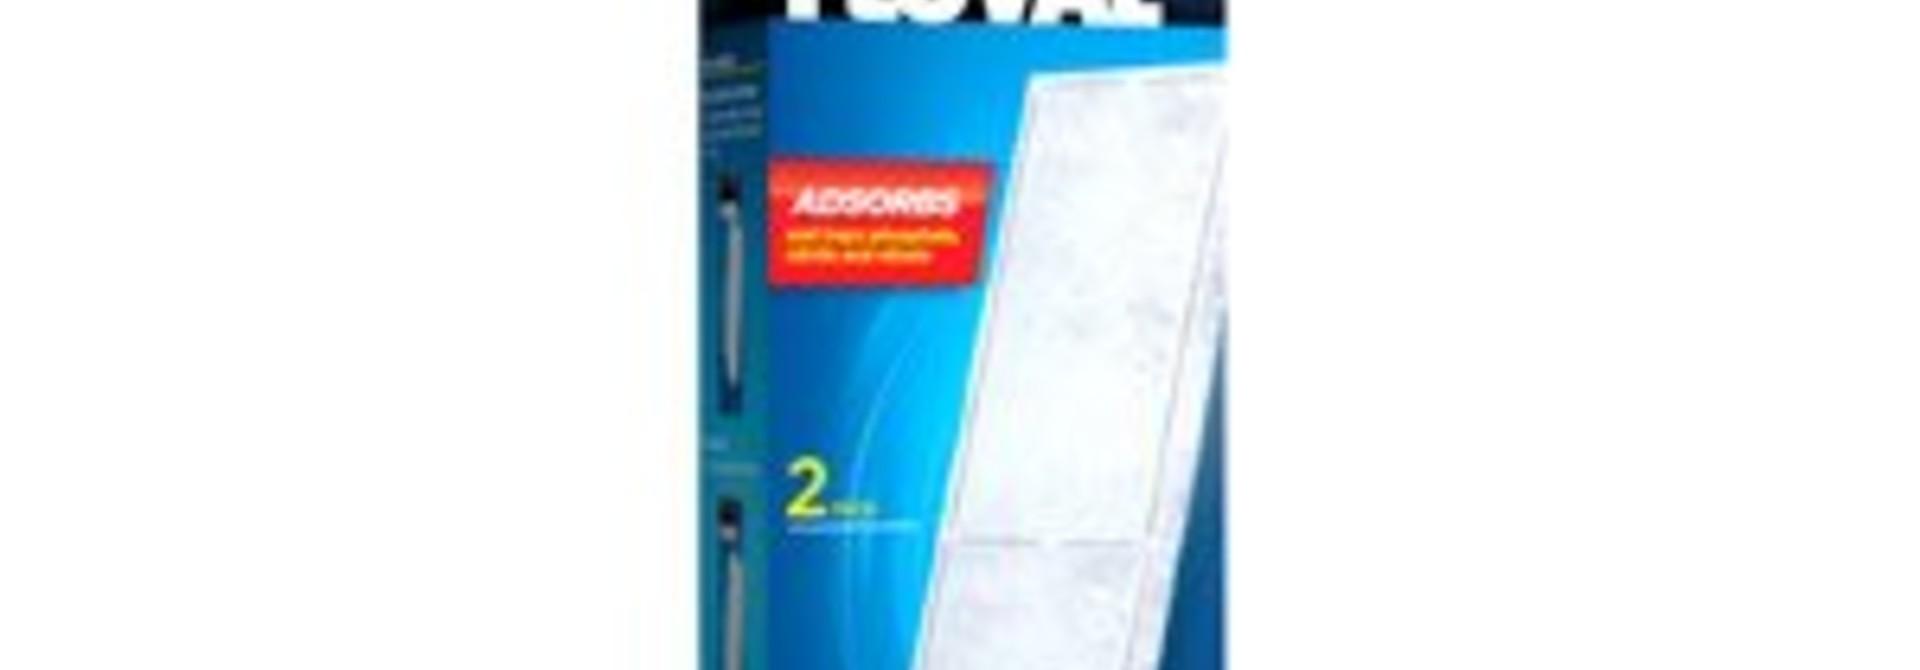 Fluval U3 Clearmax Cartridge, 2-pack